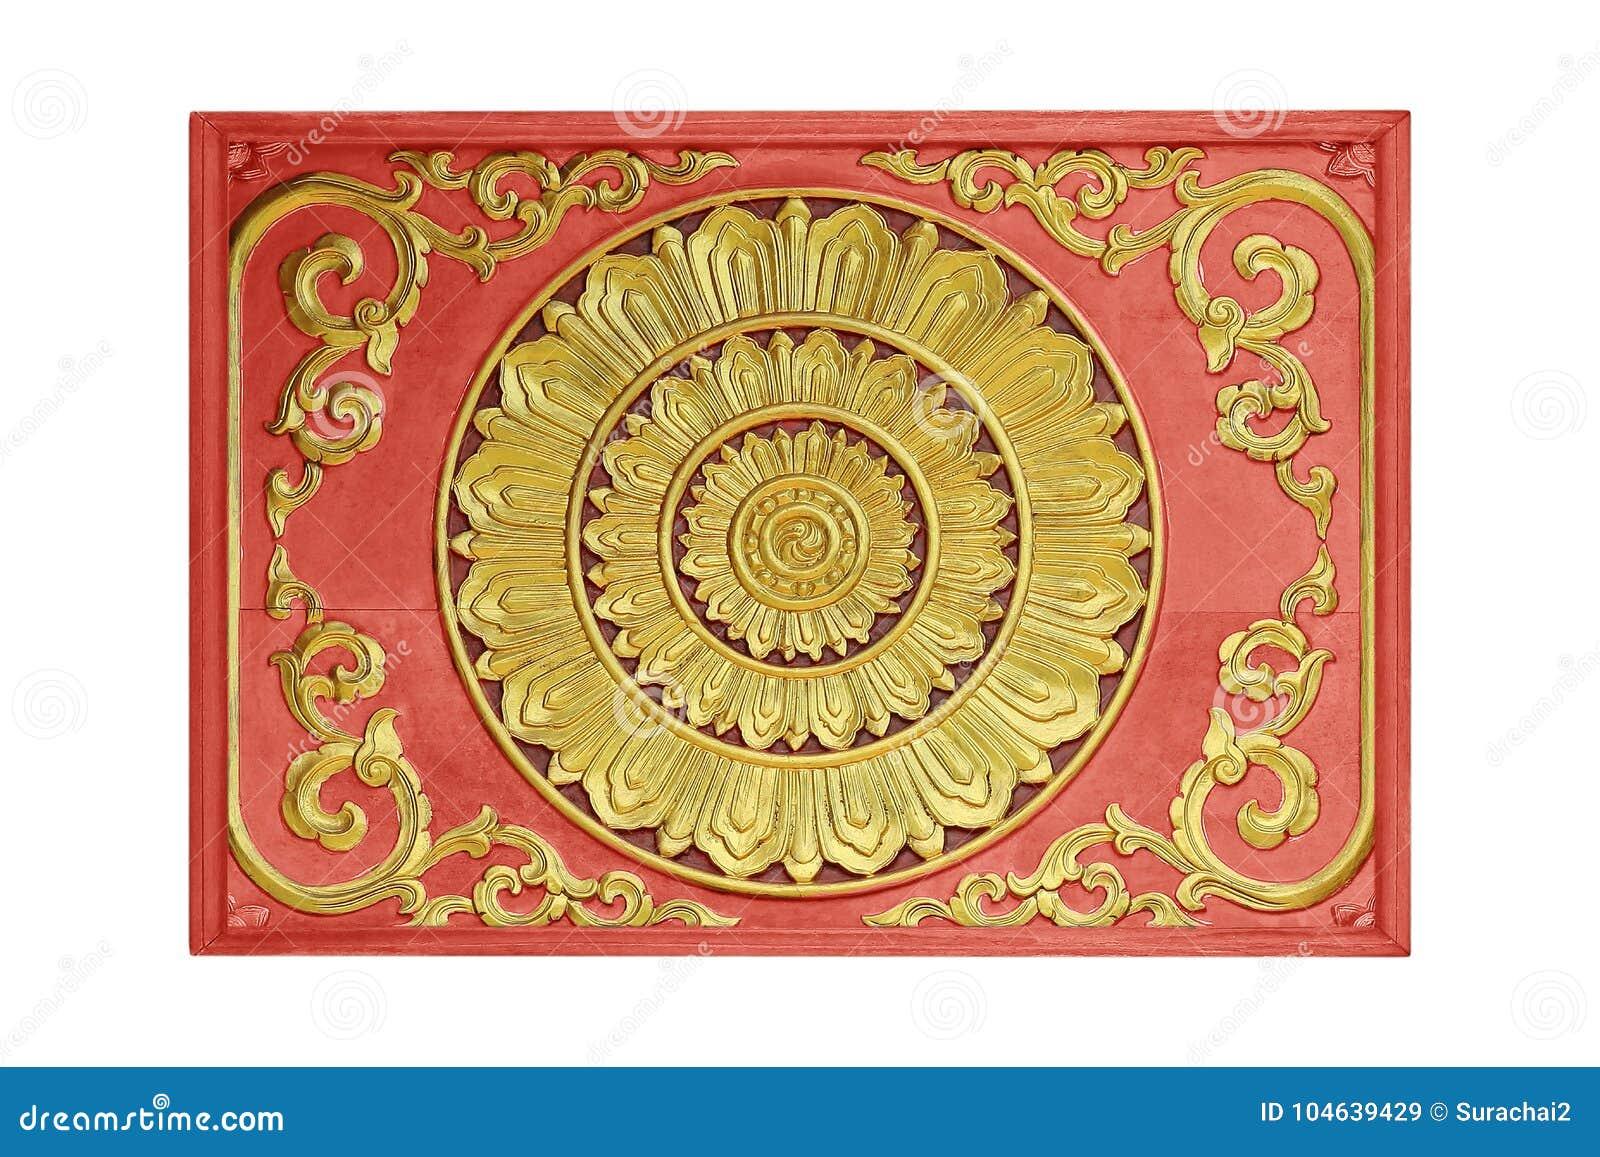 Download Patroon Van Bloem Op Hout Voor Decoratie Wordt Gesneden Die Stock Afbeelding - Afbeelding bestaande uit achtergrond, houten: 104639429